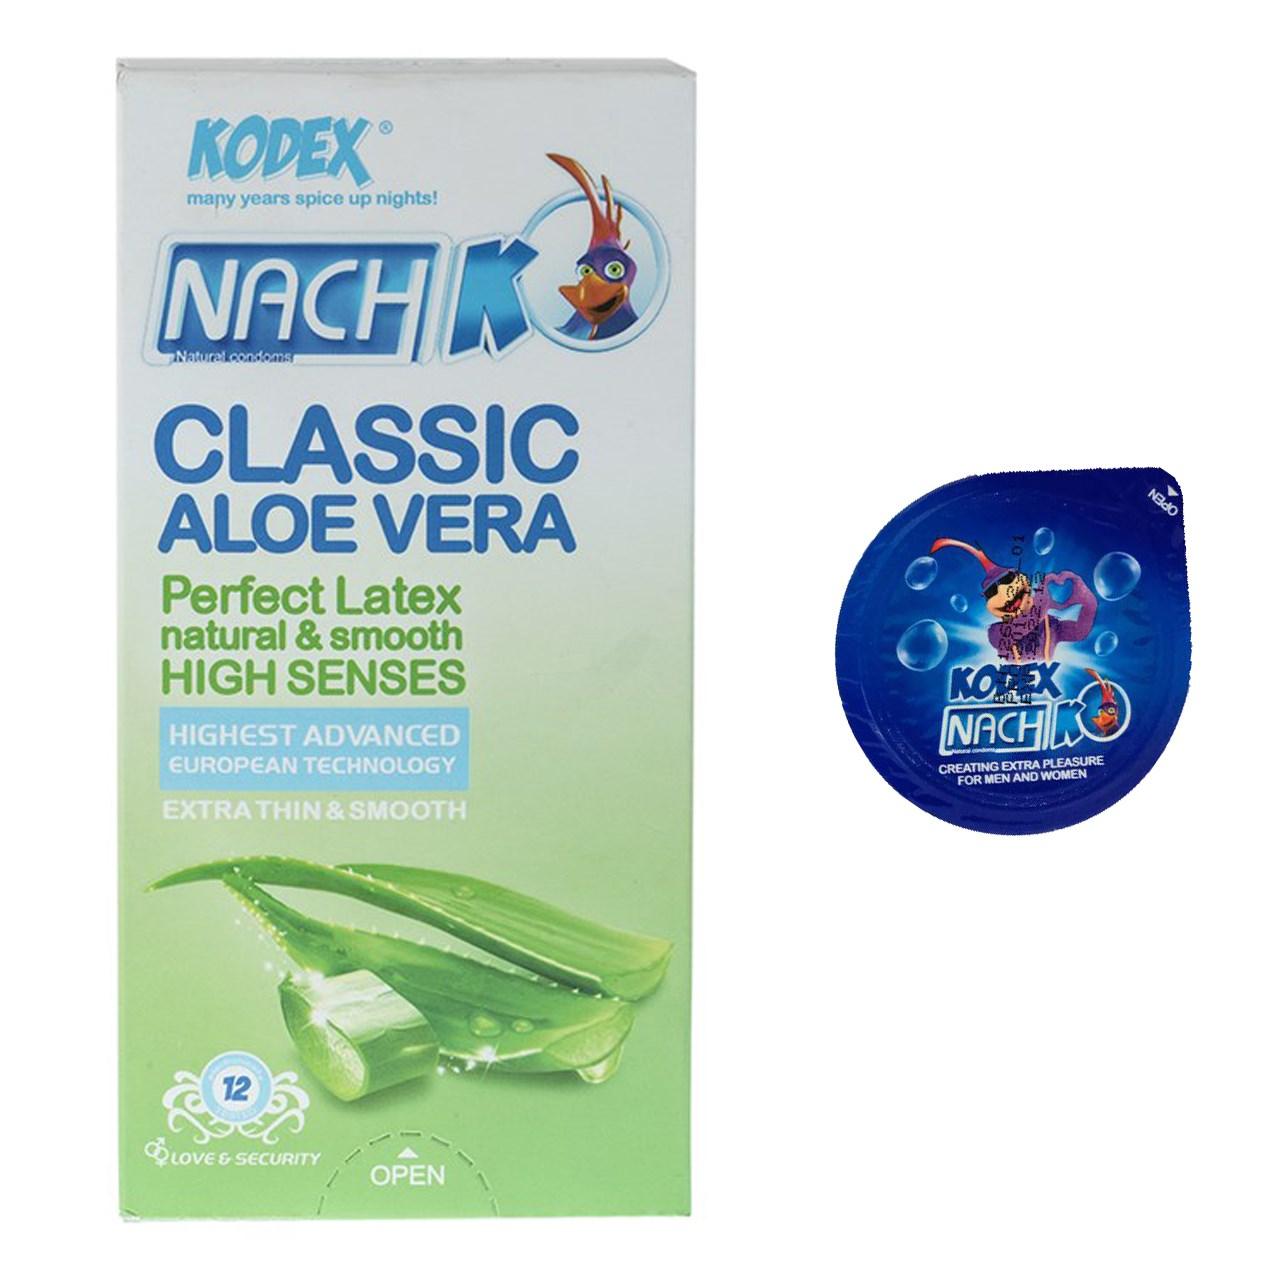 خرید                      کاندوم نازک مدل بلیسر کدکس به همراه یک بسته کدکس مدل Classic Aloe Vera بسته 12 عددی